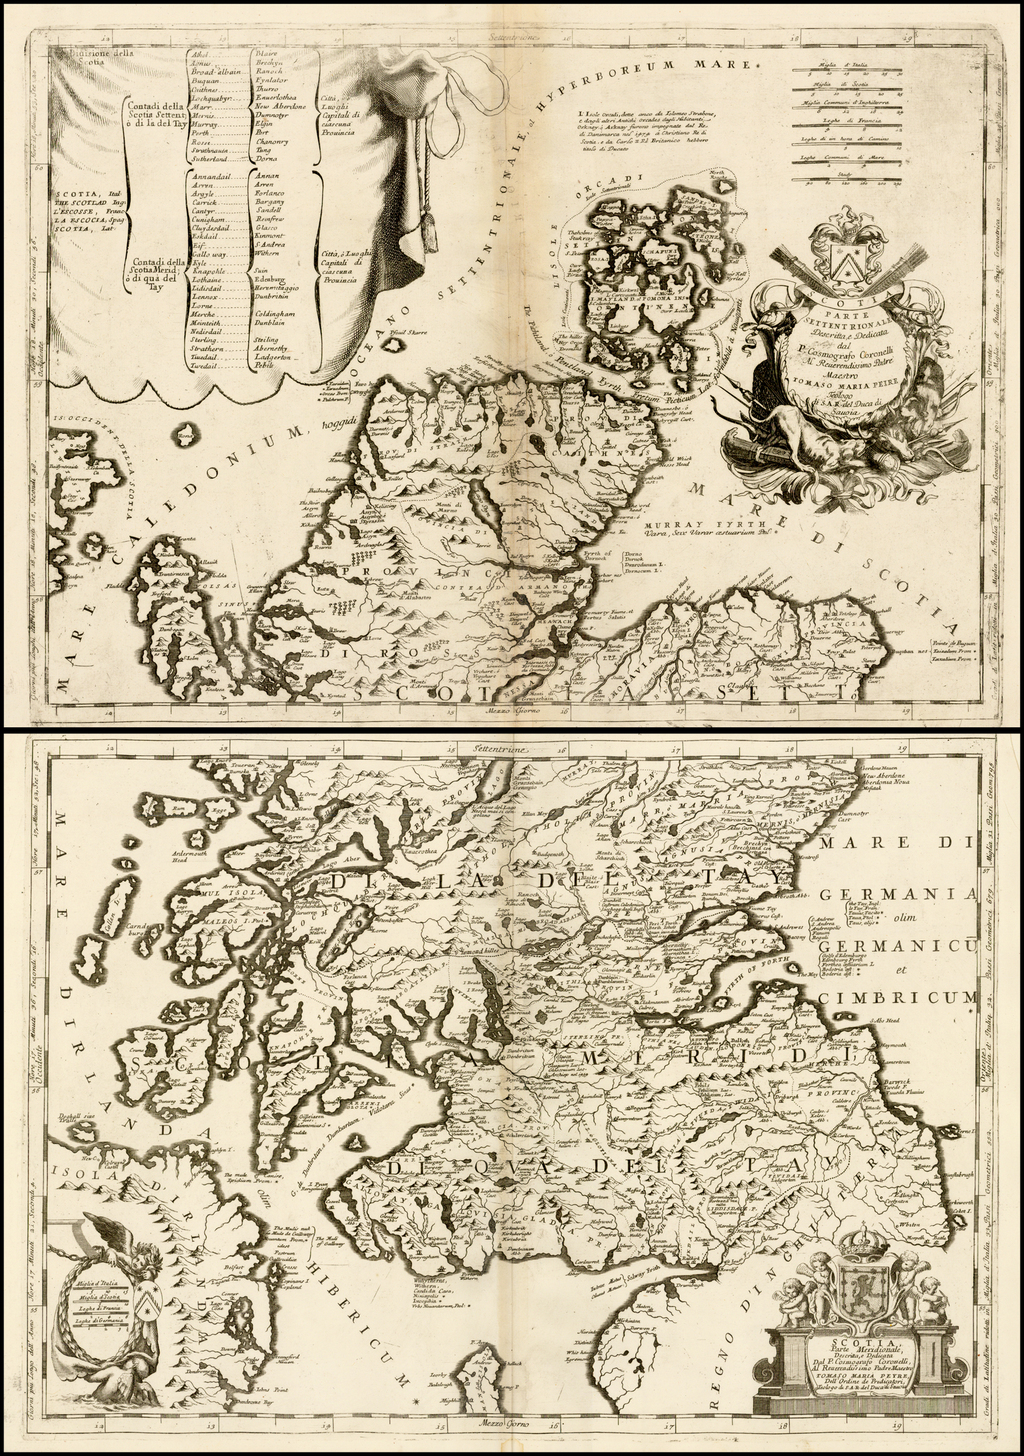 [Scotland]  Scotia Parte Settentrionale . . . [and] Scotia Partie Meridionale . . . By Vincenzo Maria Coronelli